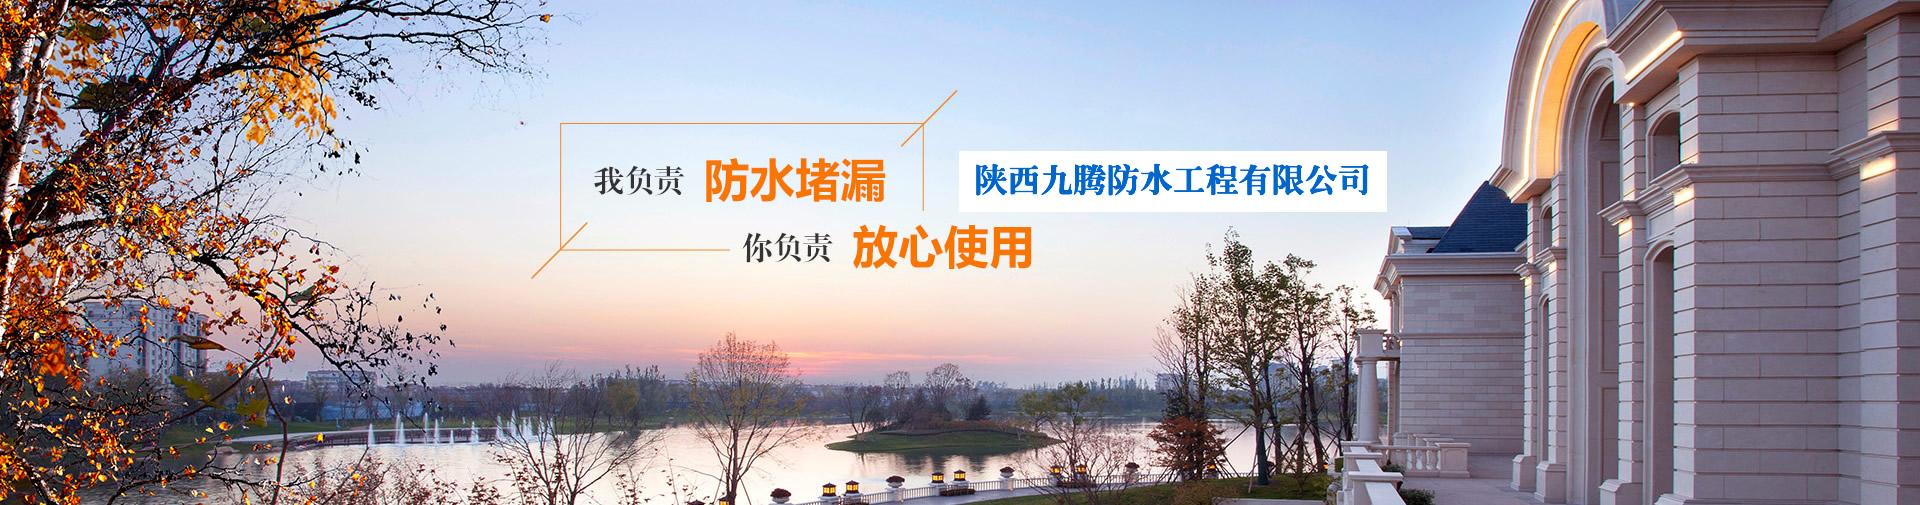 咸阳建筑防水施工